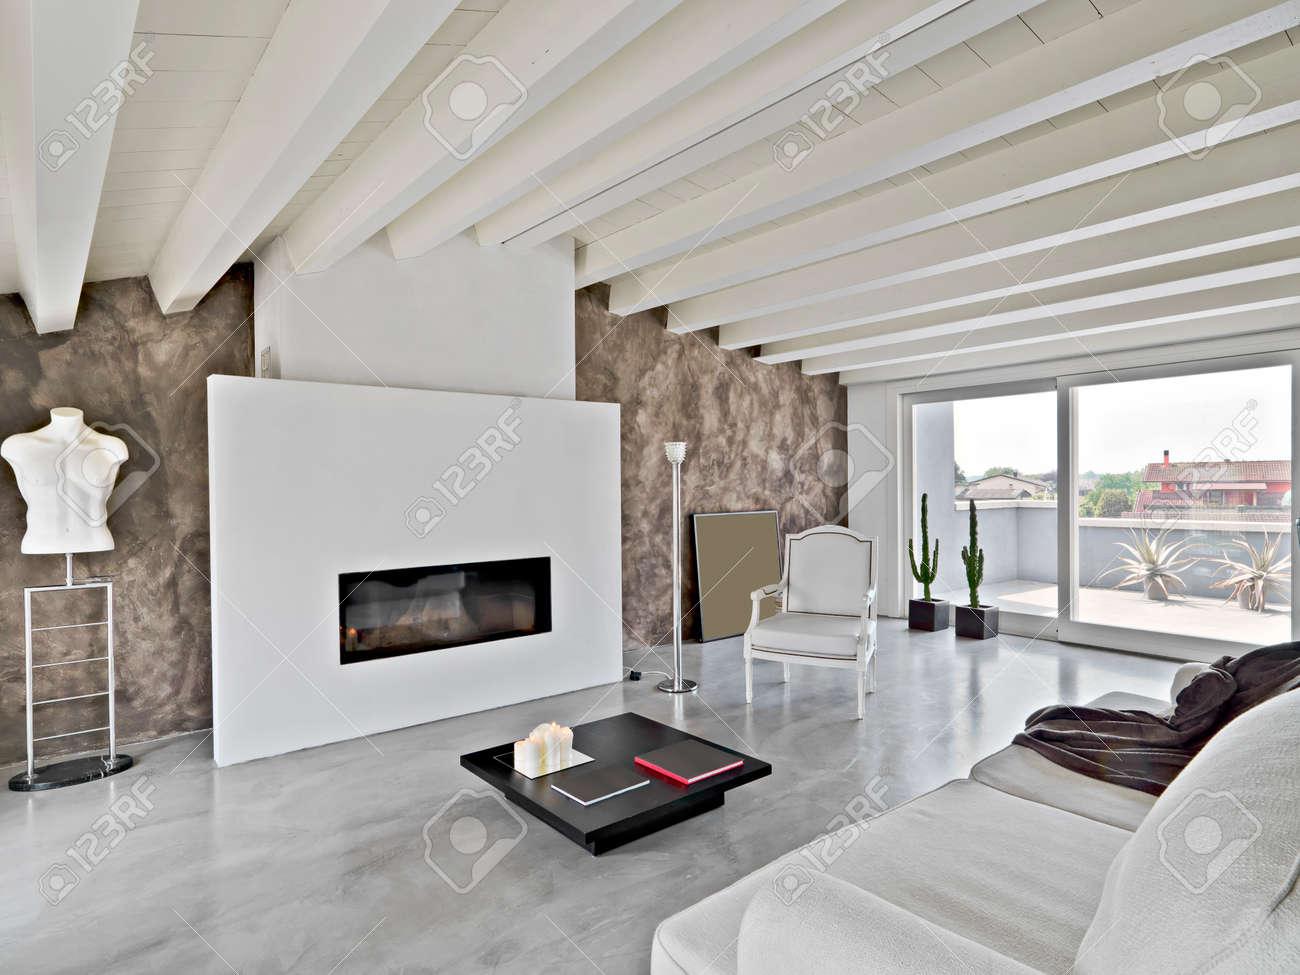 soggiorno moderno con camino foto royalty free, immagini, immagini ... - Arredamento Moderno Mansarda